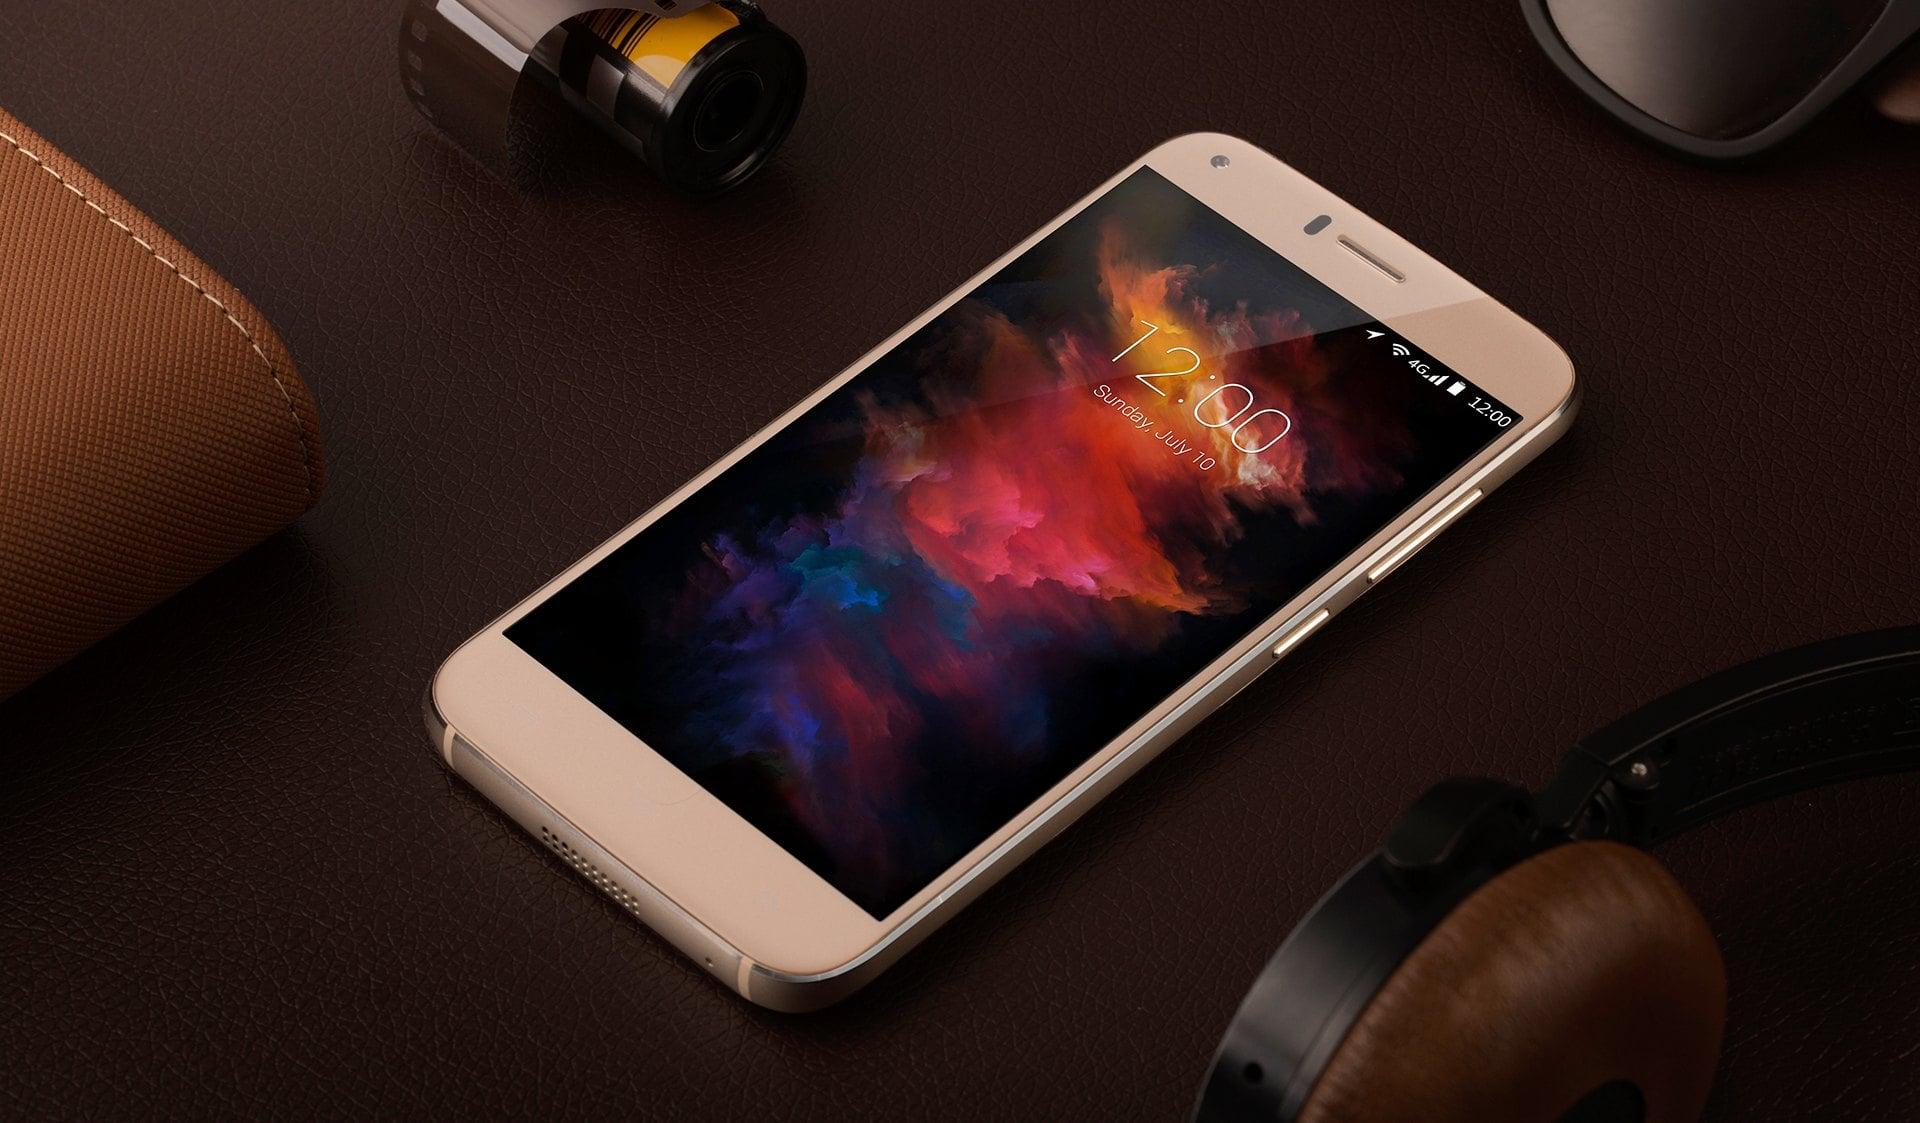 Umi Diamond - smartfon ze wzmocnionym ekranem już dostępny w Polsce za 649 zł 17